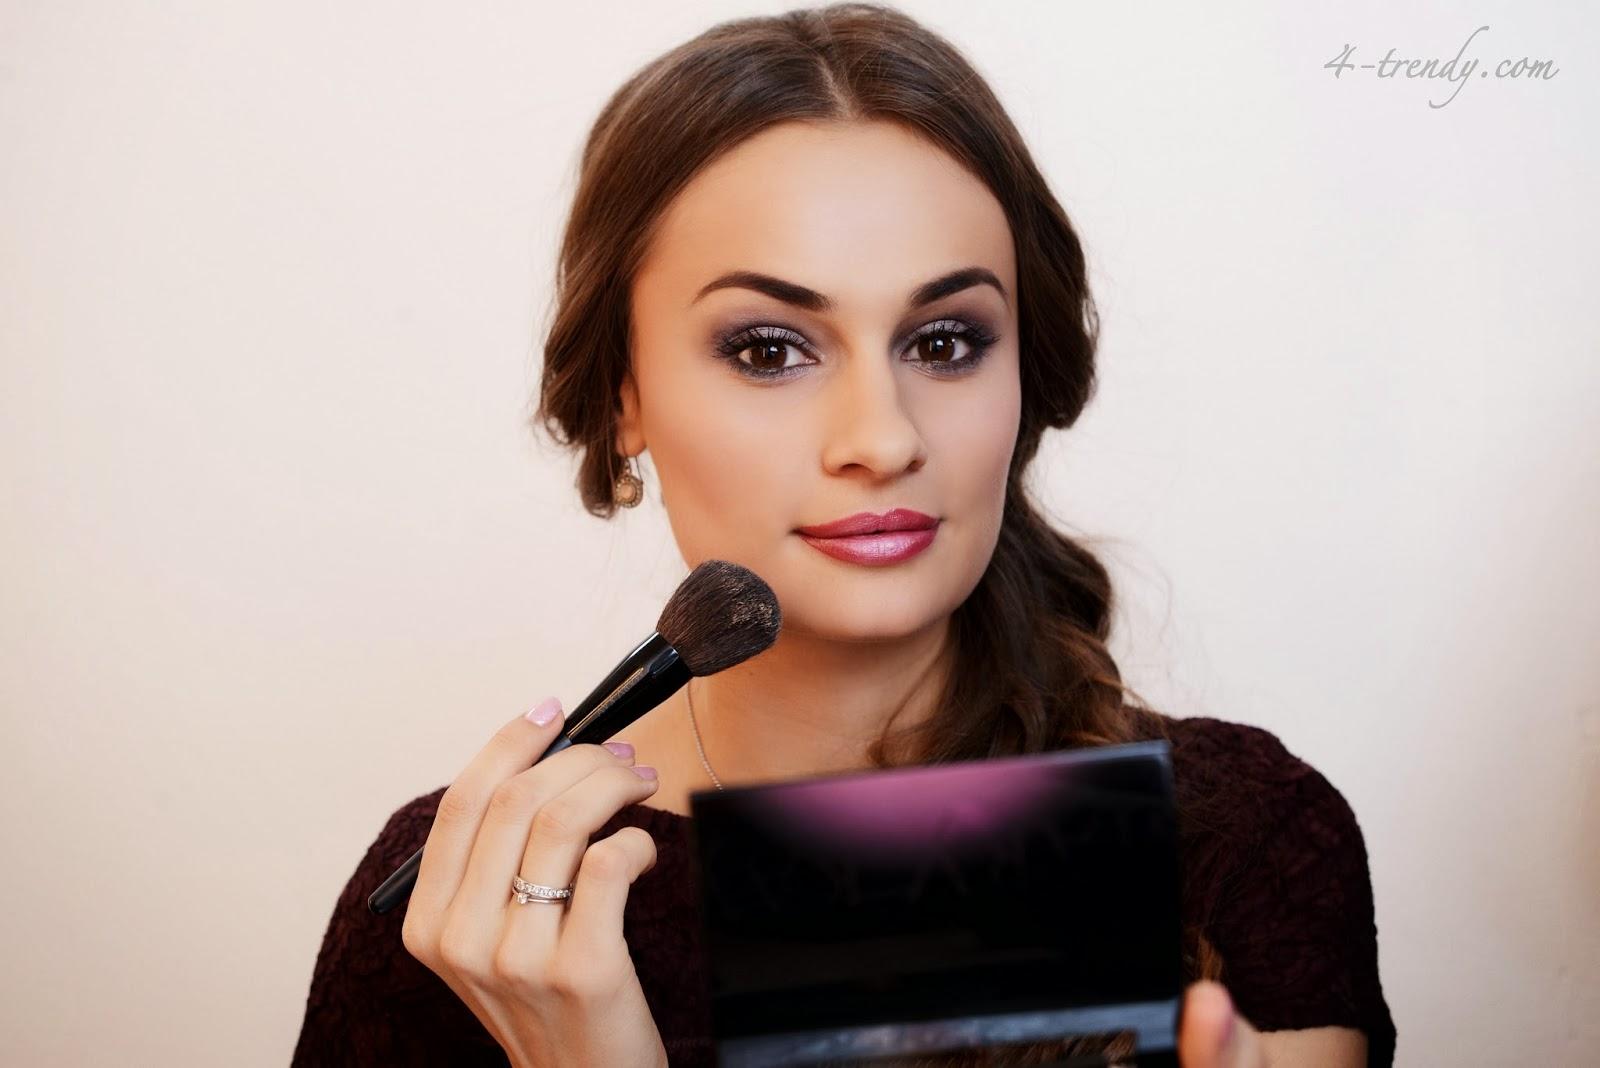 Профессиональный макияж с мери кей 21 фотография